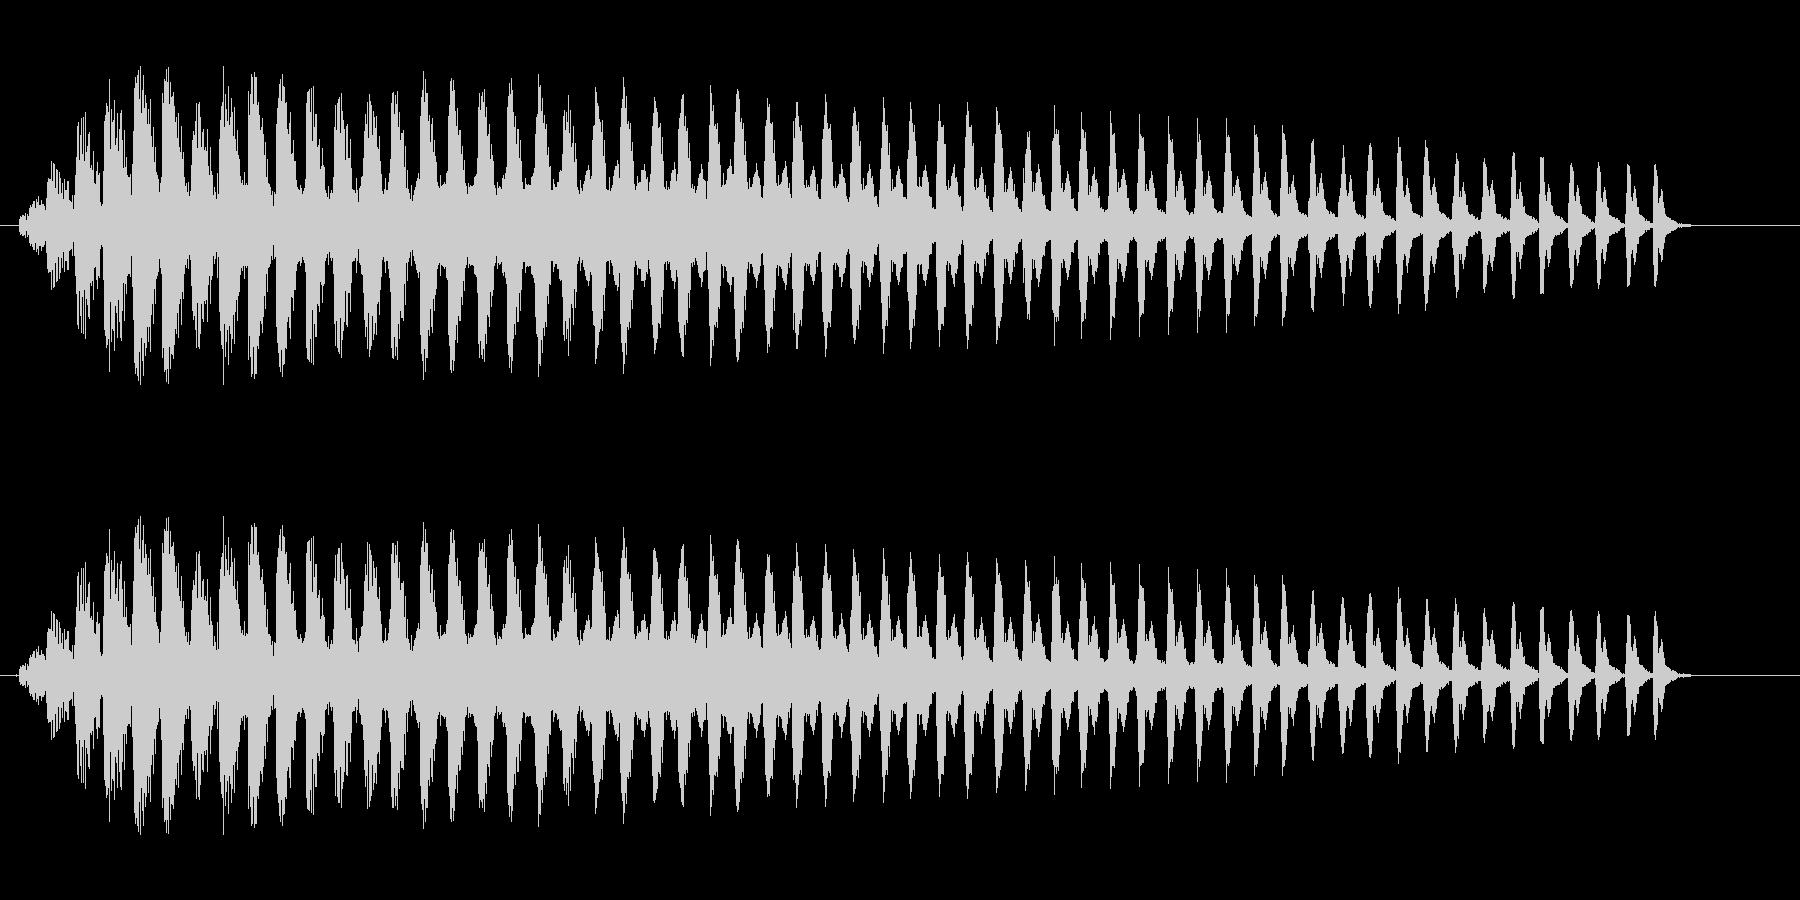 ビョーンと首をひねった音の未再生の波形